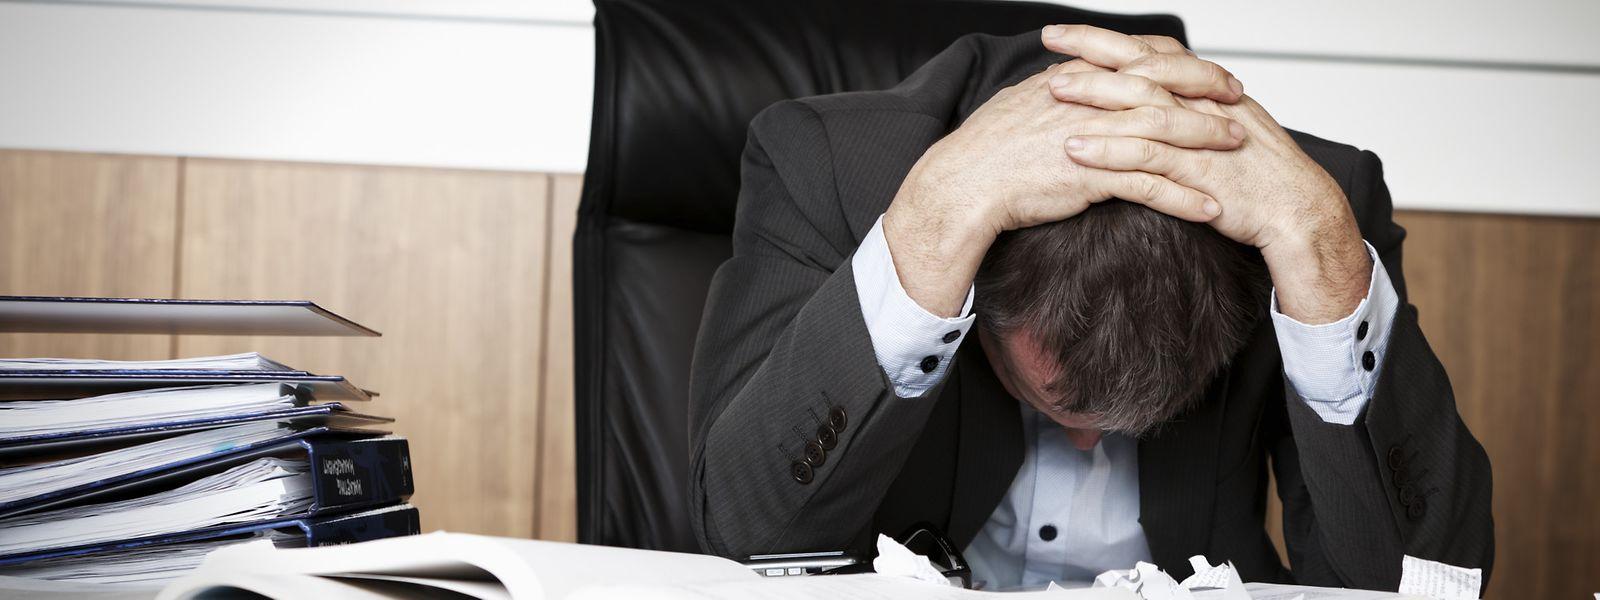 Pour les deux parties, il y a urgence à trouver un accord: un salarié sur trois présente un risque de dépression au Luxembourg.